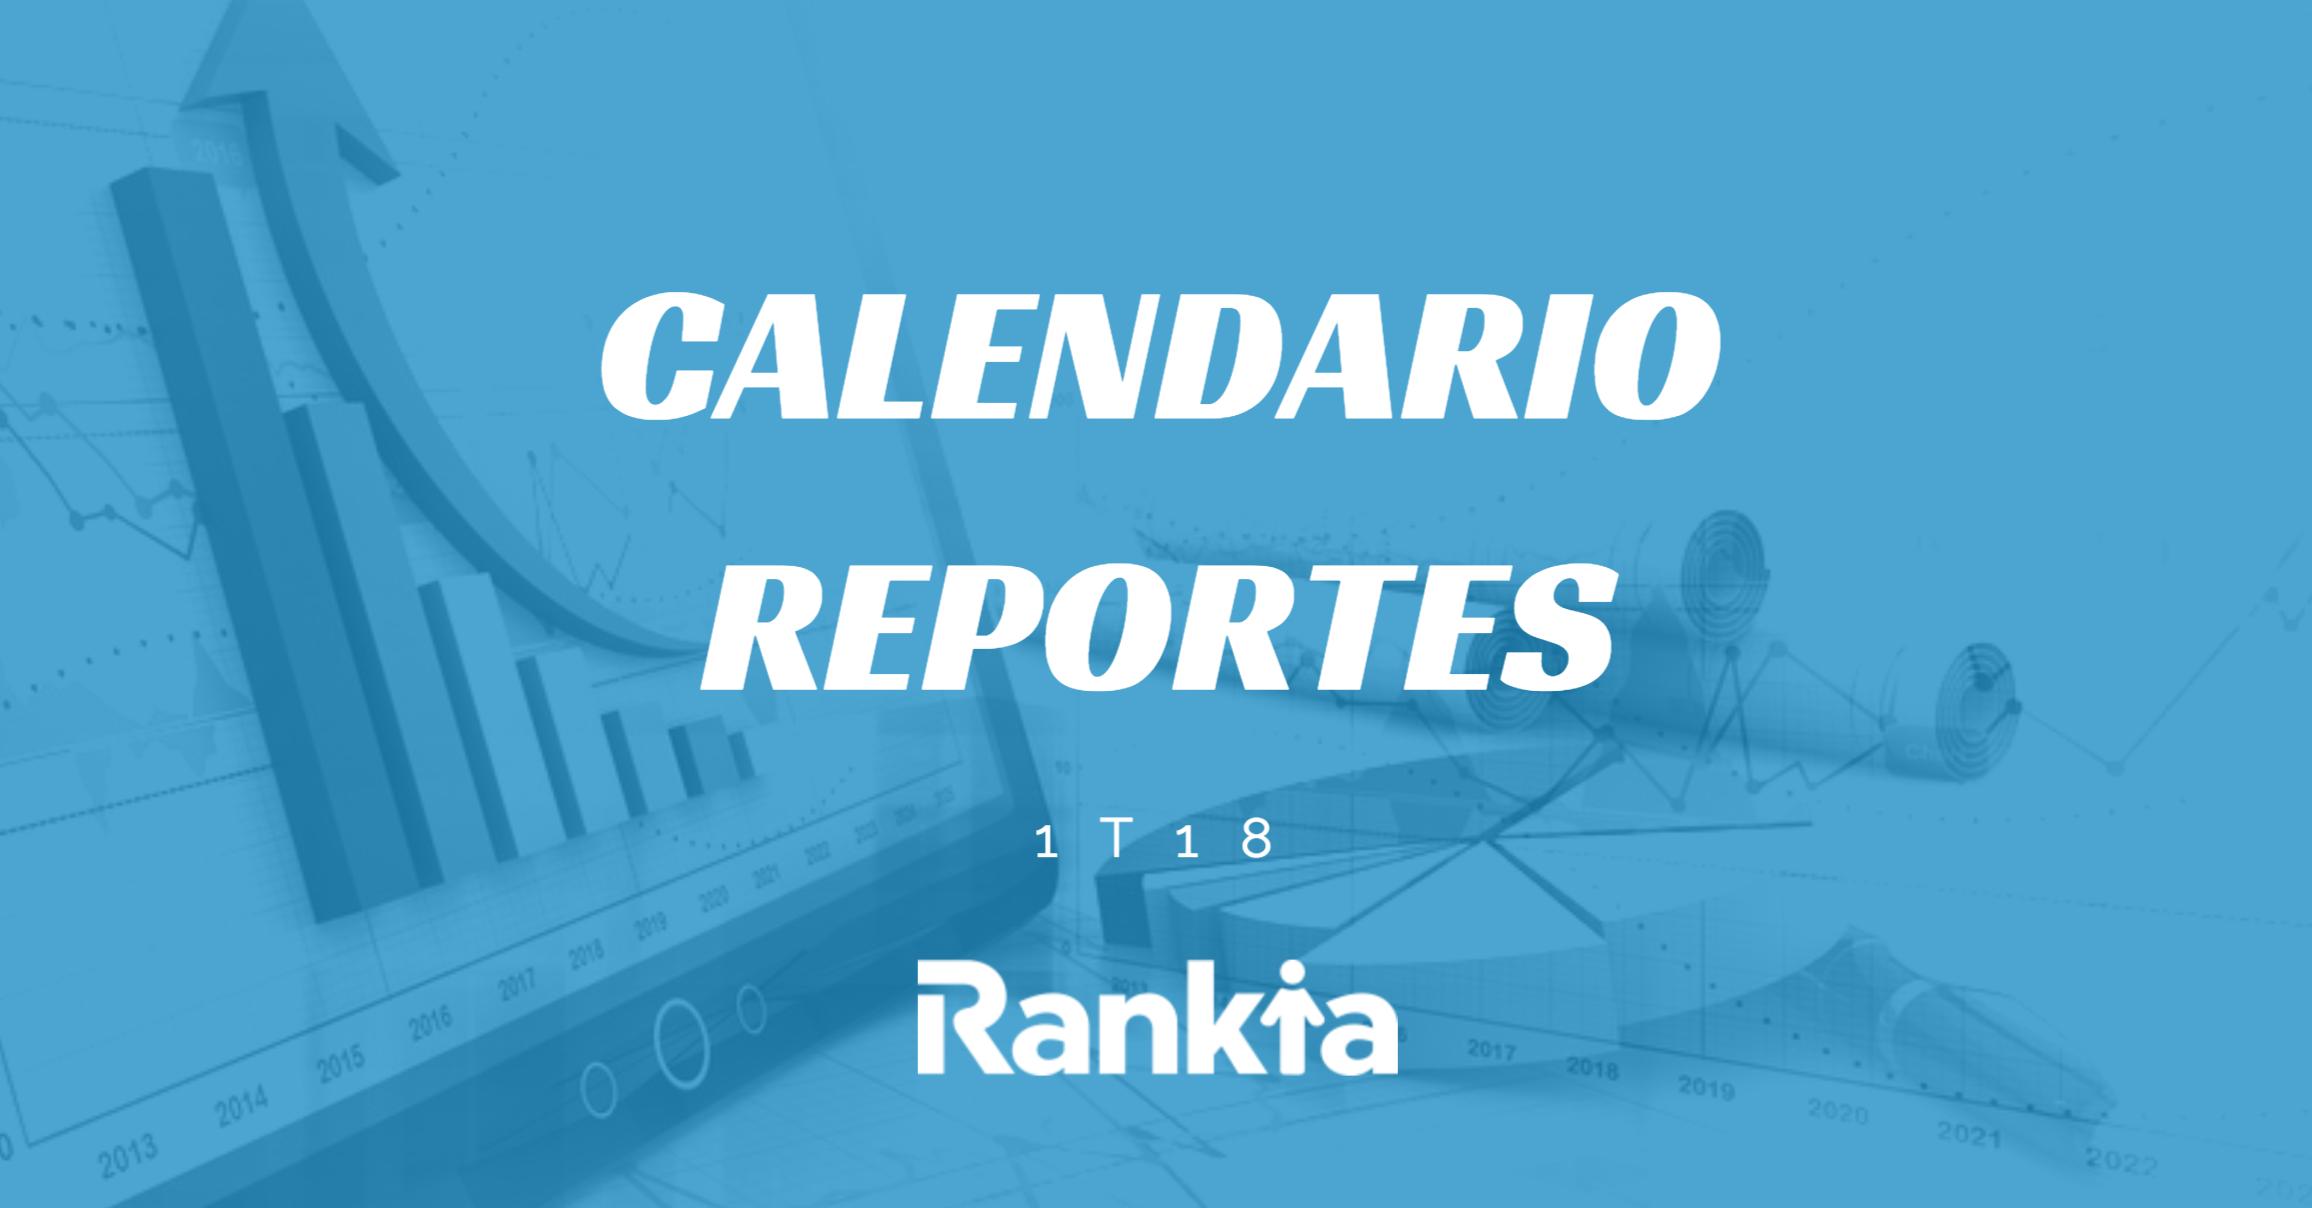 Calendario reportes 1T 2018